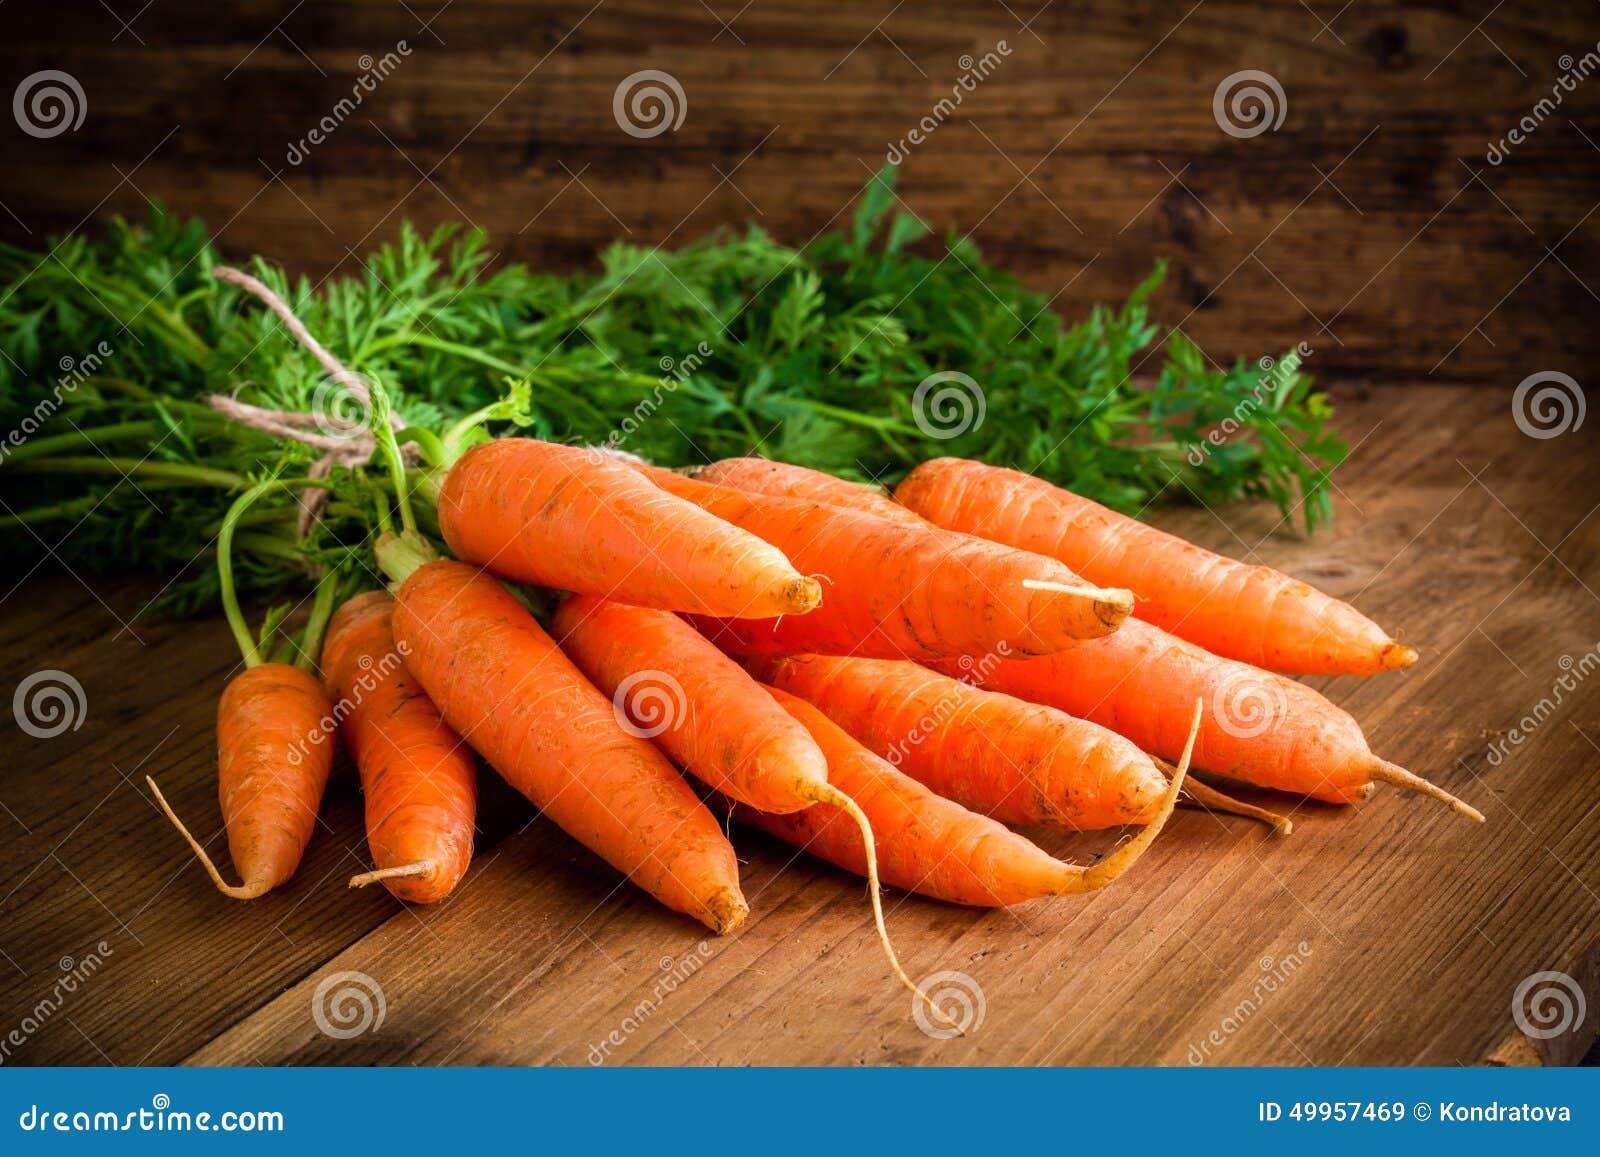 Groupe frais de carottes sur le bois